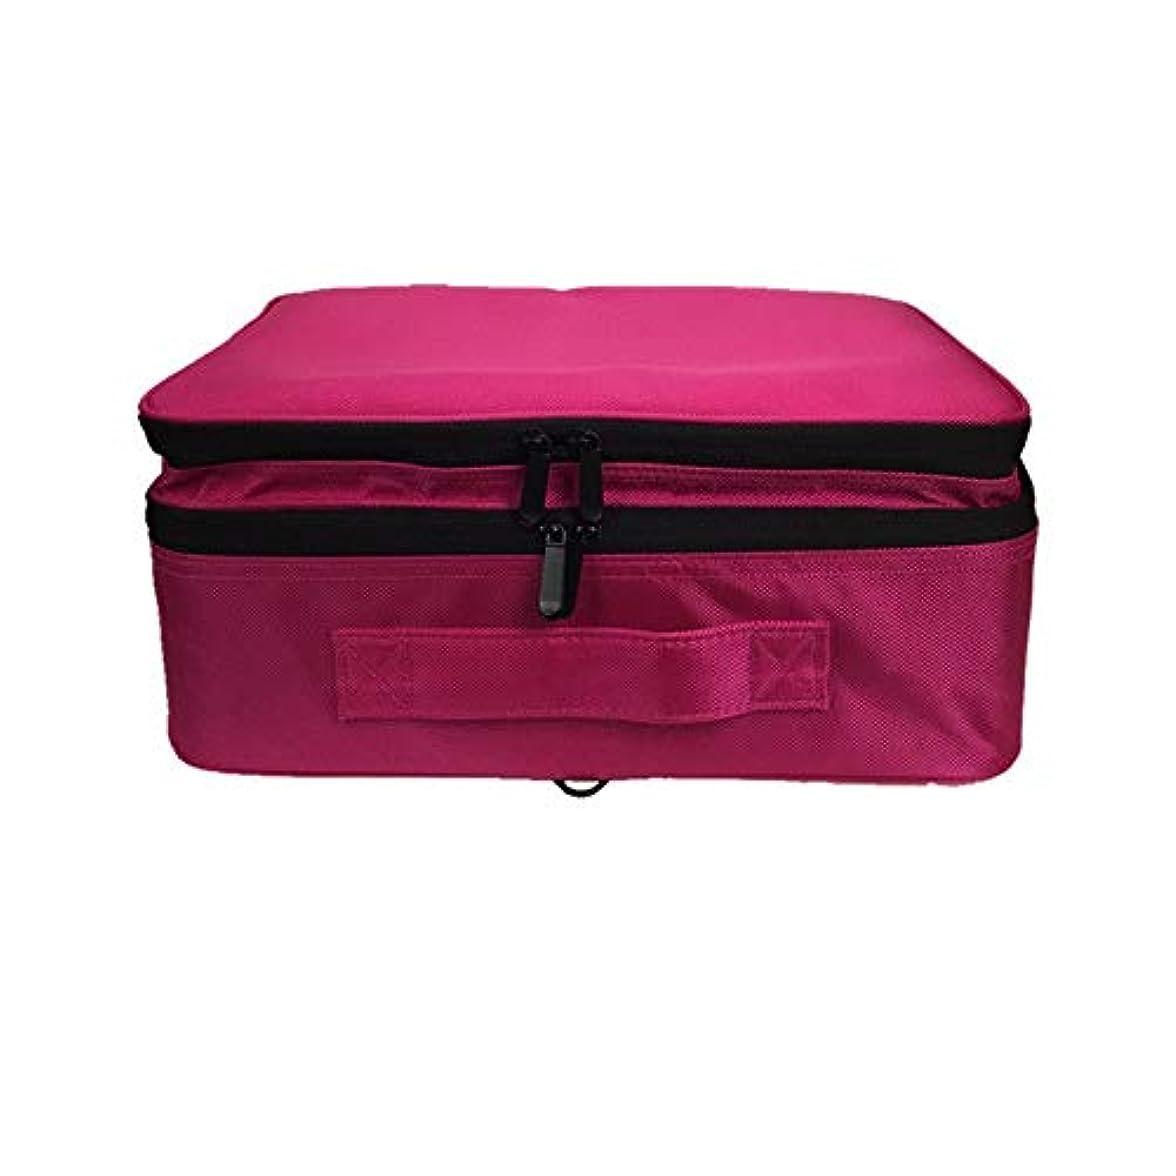 副周術期つま先化粧オーガナイザーバッグ 調整可能な仕切り付き防水メイクアップバッグ旅行化粧ケースブラシホルダー 化粧品ケース (色 : 赤)